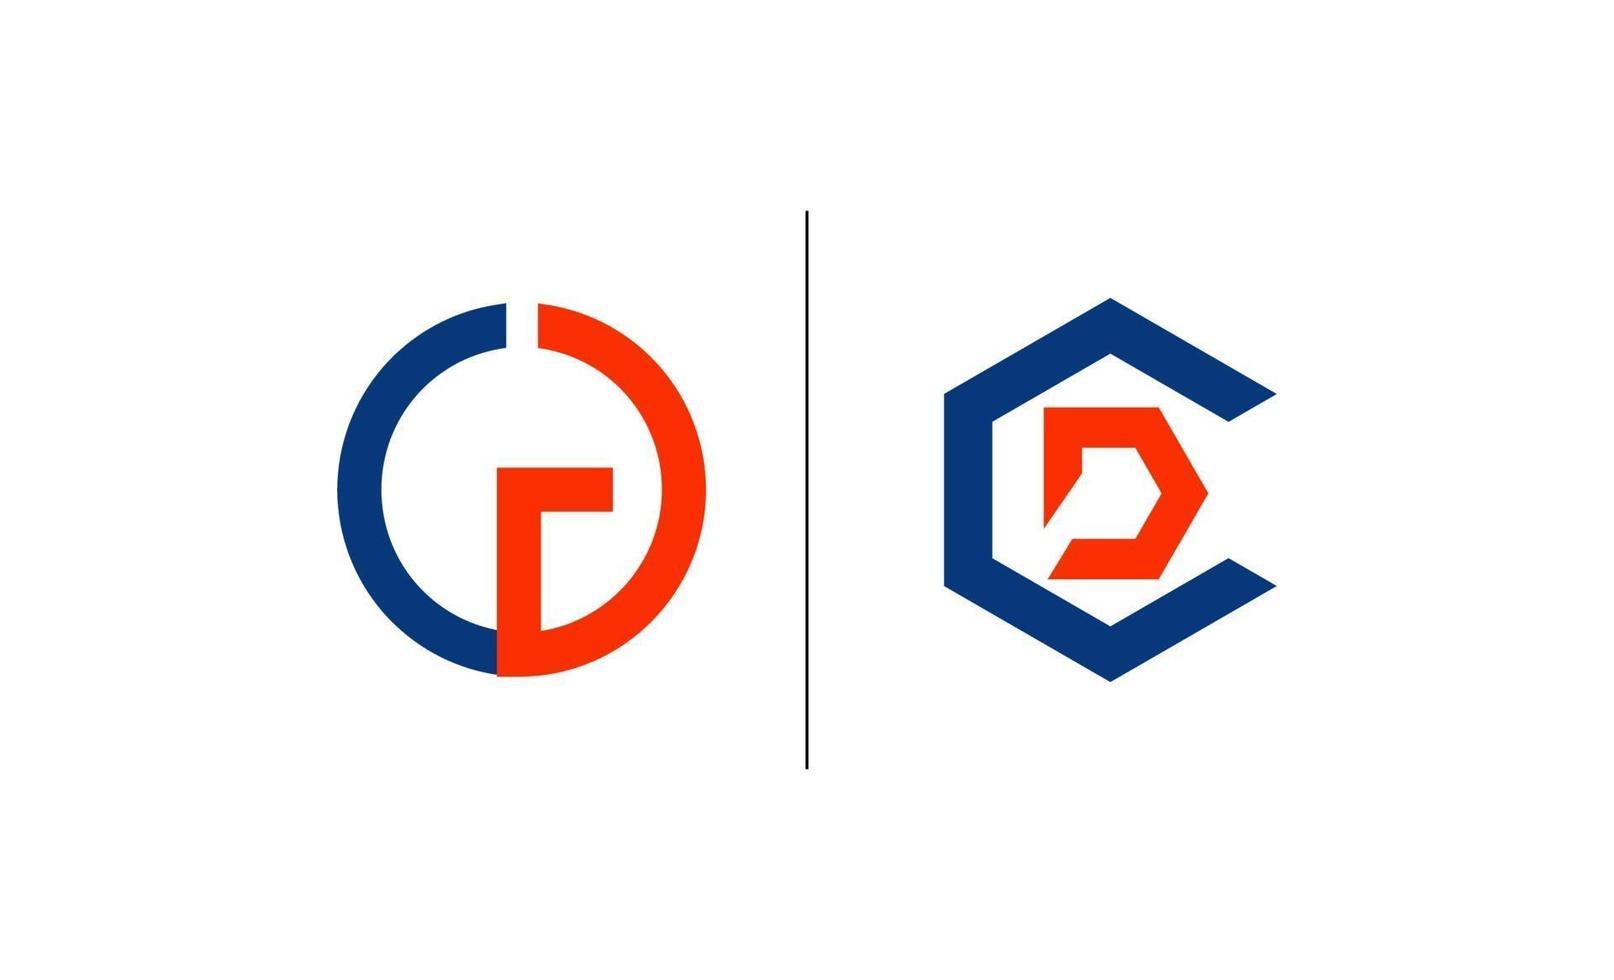 vector de diseño de plantilla de logotipo de cd inicial